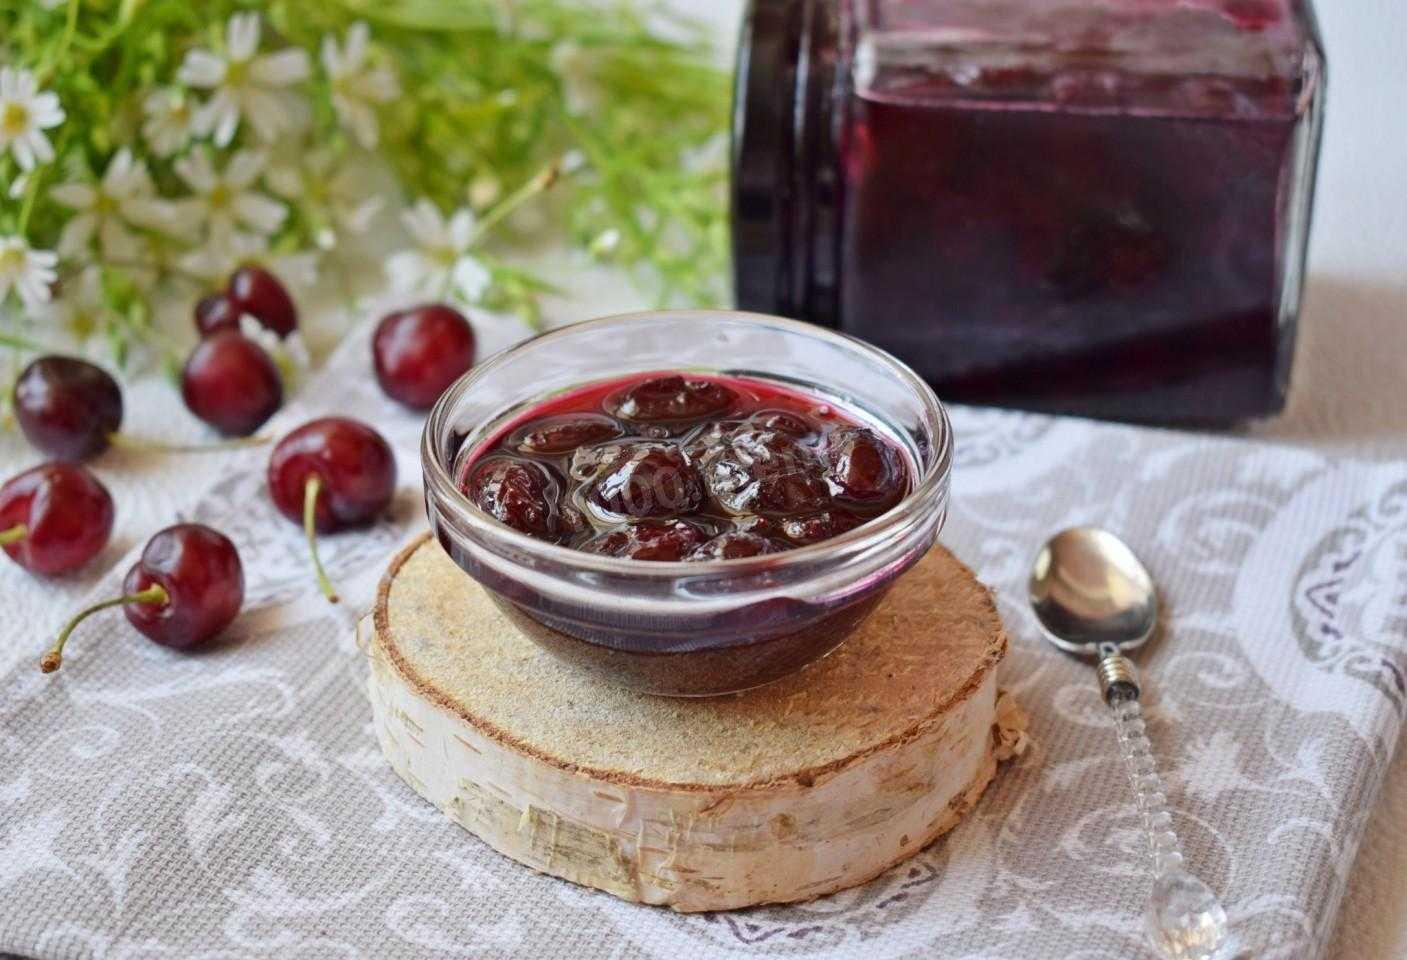 Конфитюр с агар-агаром: простые пошаговые рецепты от марины выходцевой